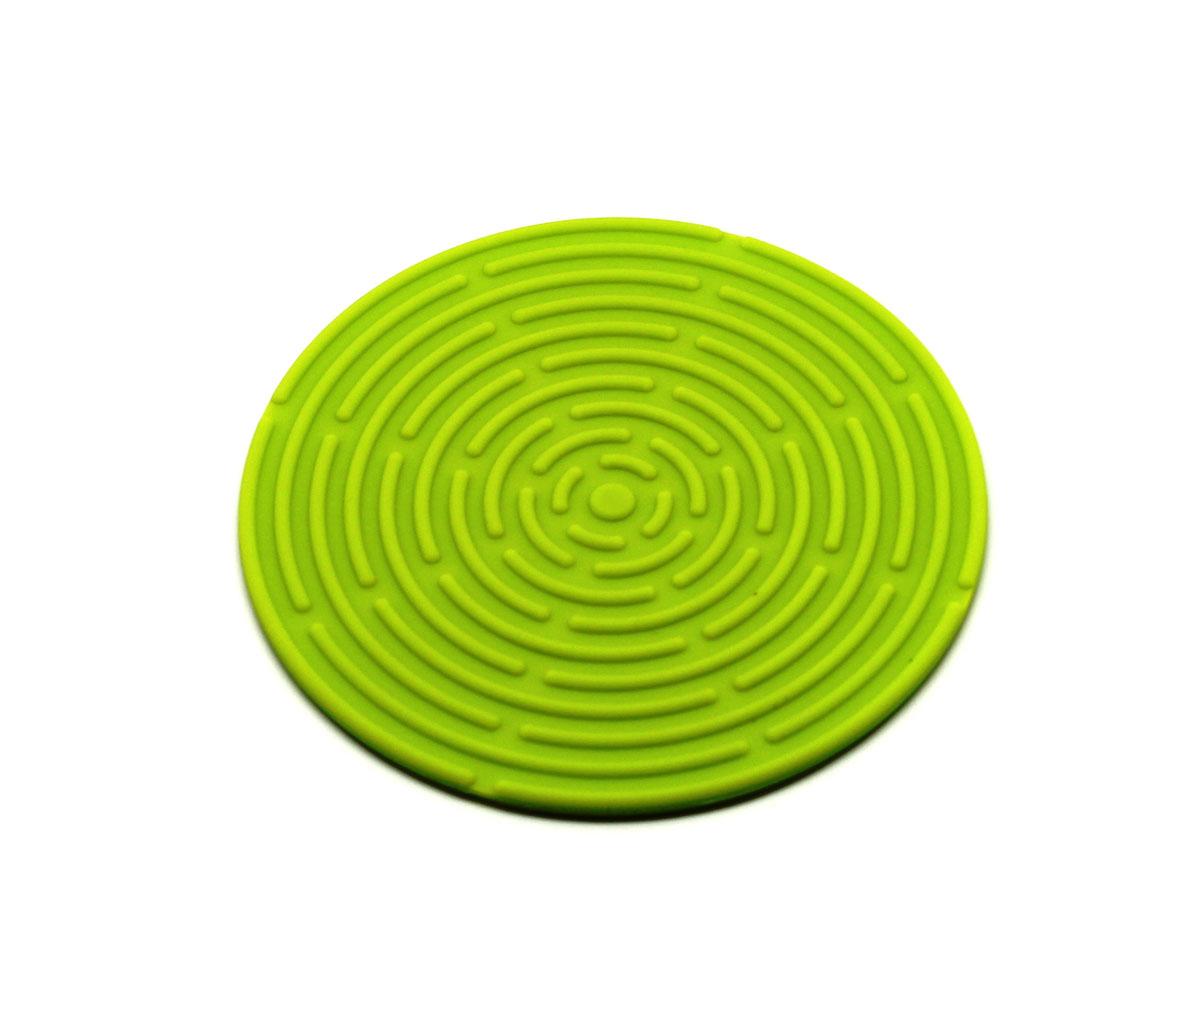 Подставка под горячее Atlantis, цвет: зеленый, диаметр 15 см23516Круглая подставка под горячее Atlantis изготовлена из высококачественного пищевого силикона. Выдерживает температуру до +230°С, не впитывает запахи и предохраняет поверхность вашего стола от высоких температур. Оригинальный дизайн внесет свежесть и новизну в интерьер кухни. Подставка под горячее станет незаменимым помощником на кухне. Легко моется в посудомоечной машине.